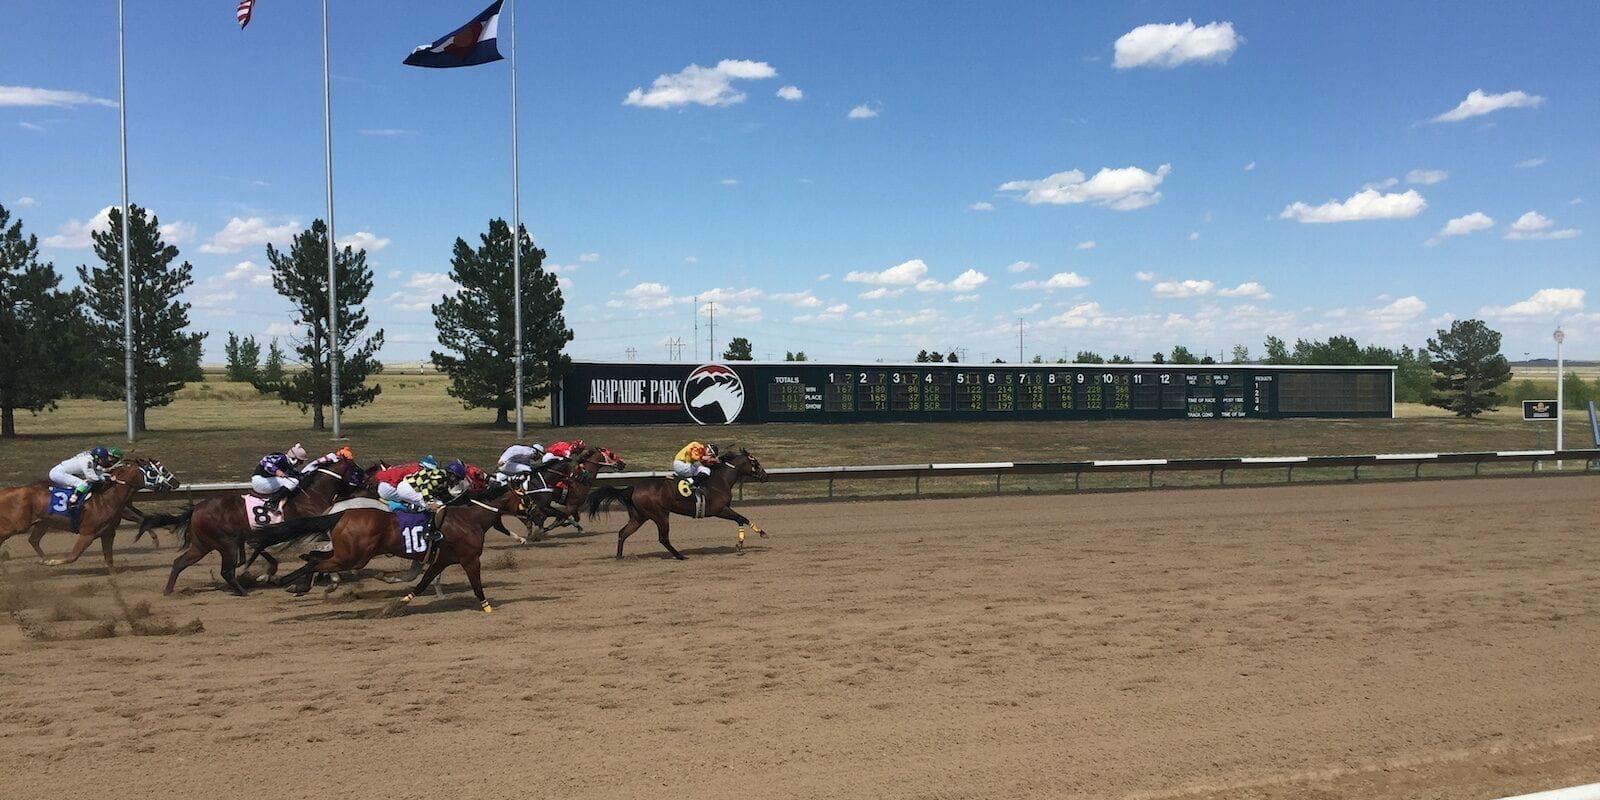 Colorado Horse Racing Arapahoe Park Racetrack Aurora